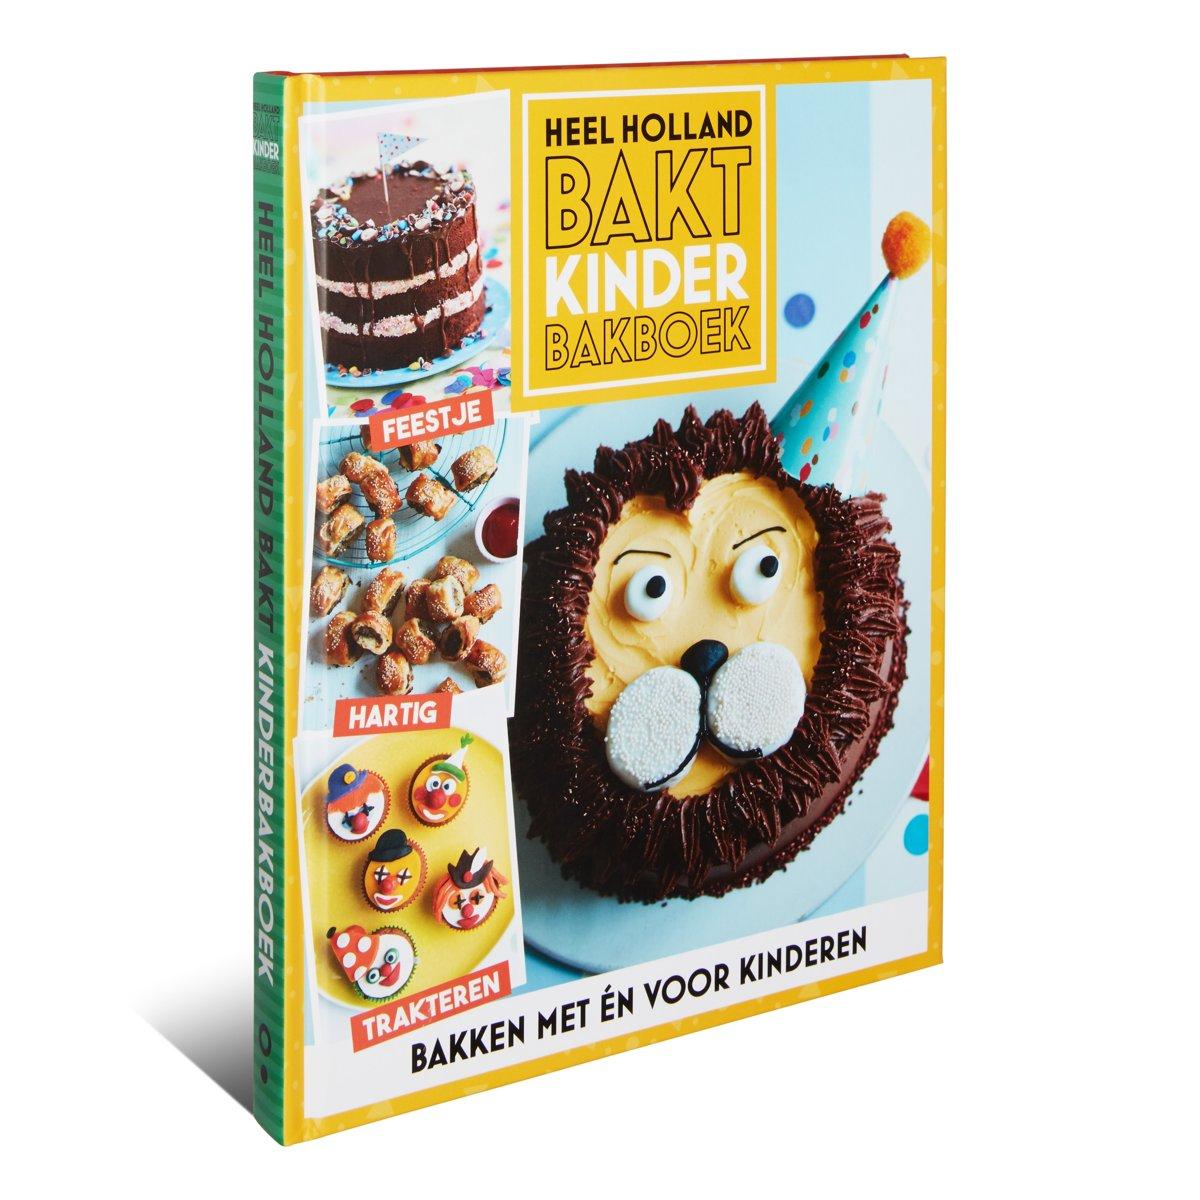 Afbeeldingsresultaat voor heel holland bakt kinderbakboek